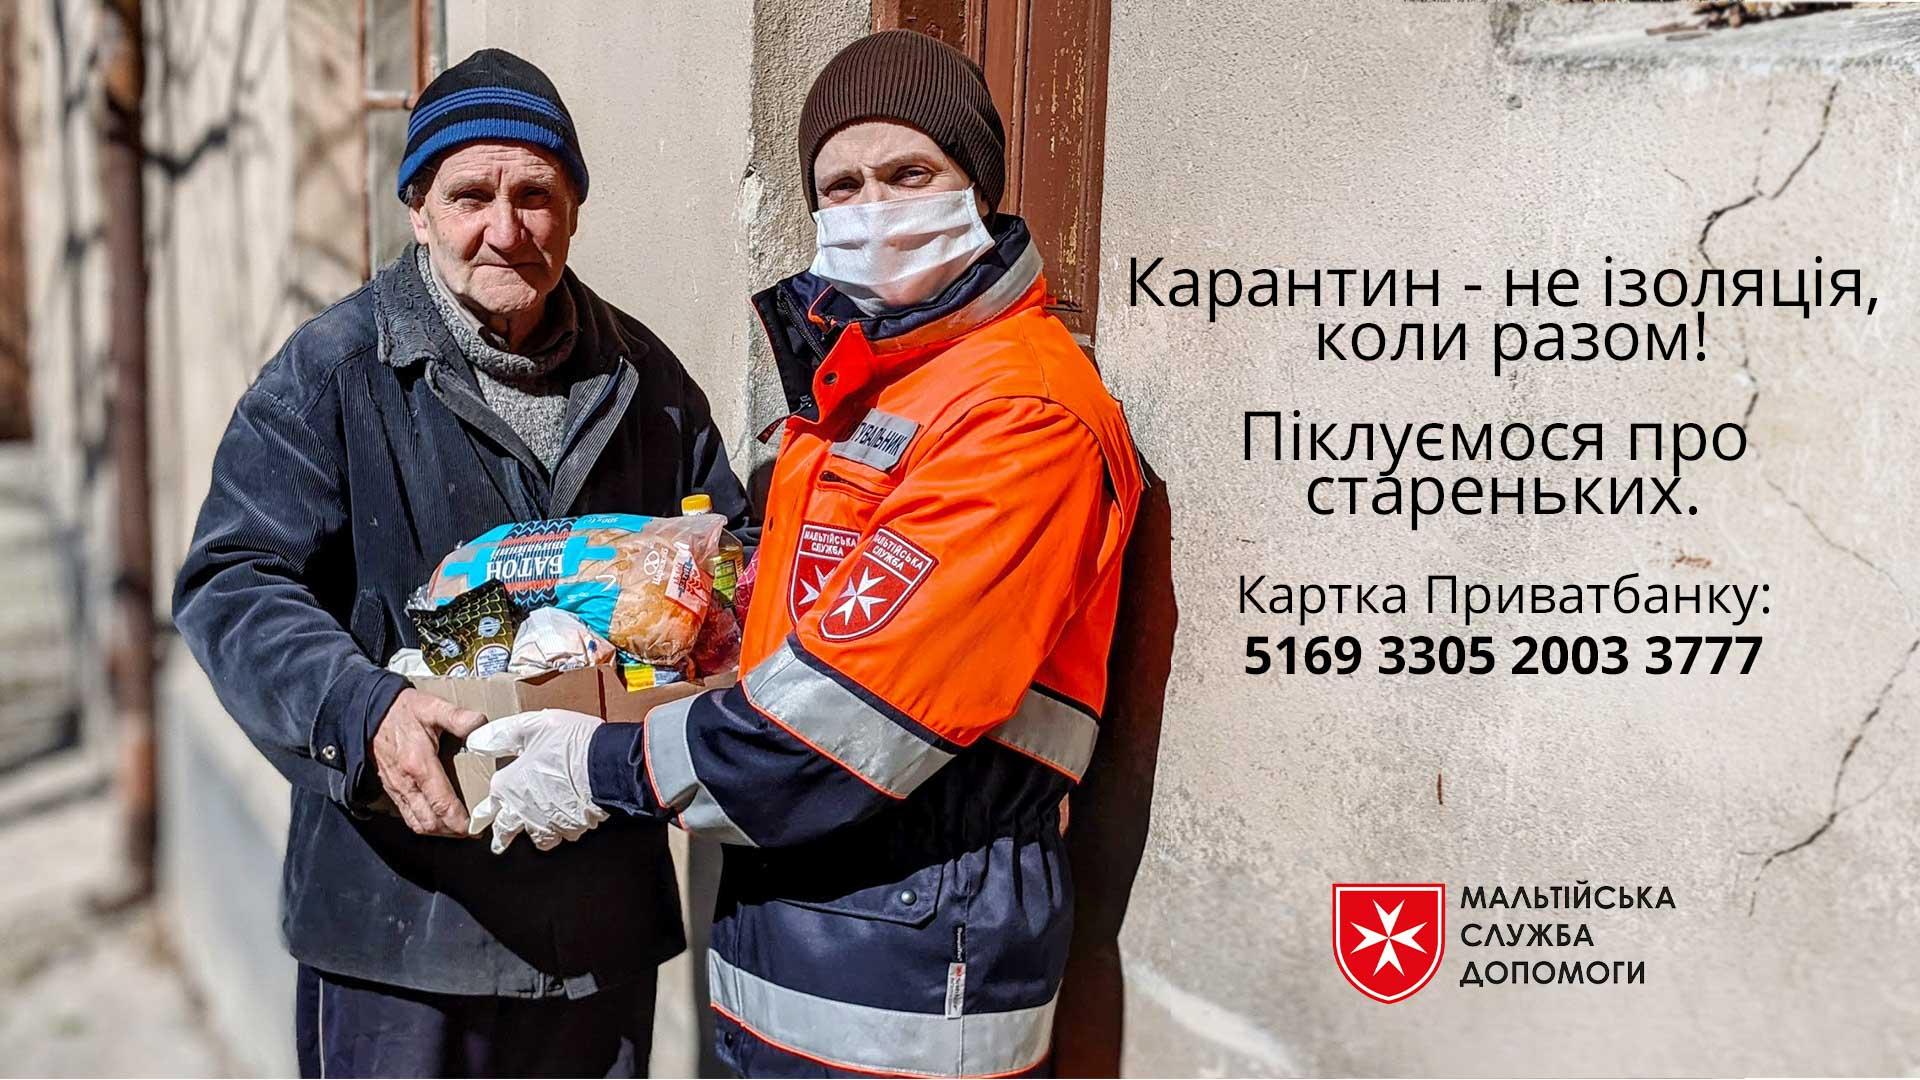 Мальтійська служба розвезе по області пакунки для понад 600 потребуючих (ФОТО)